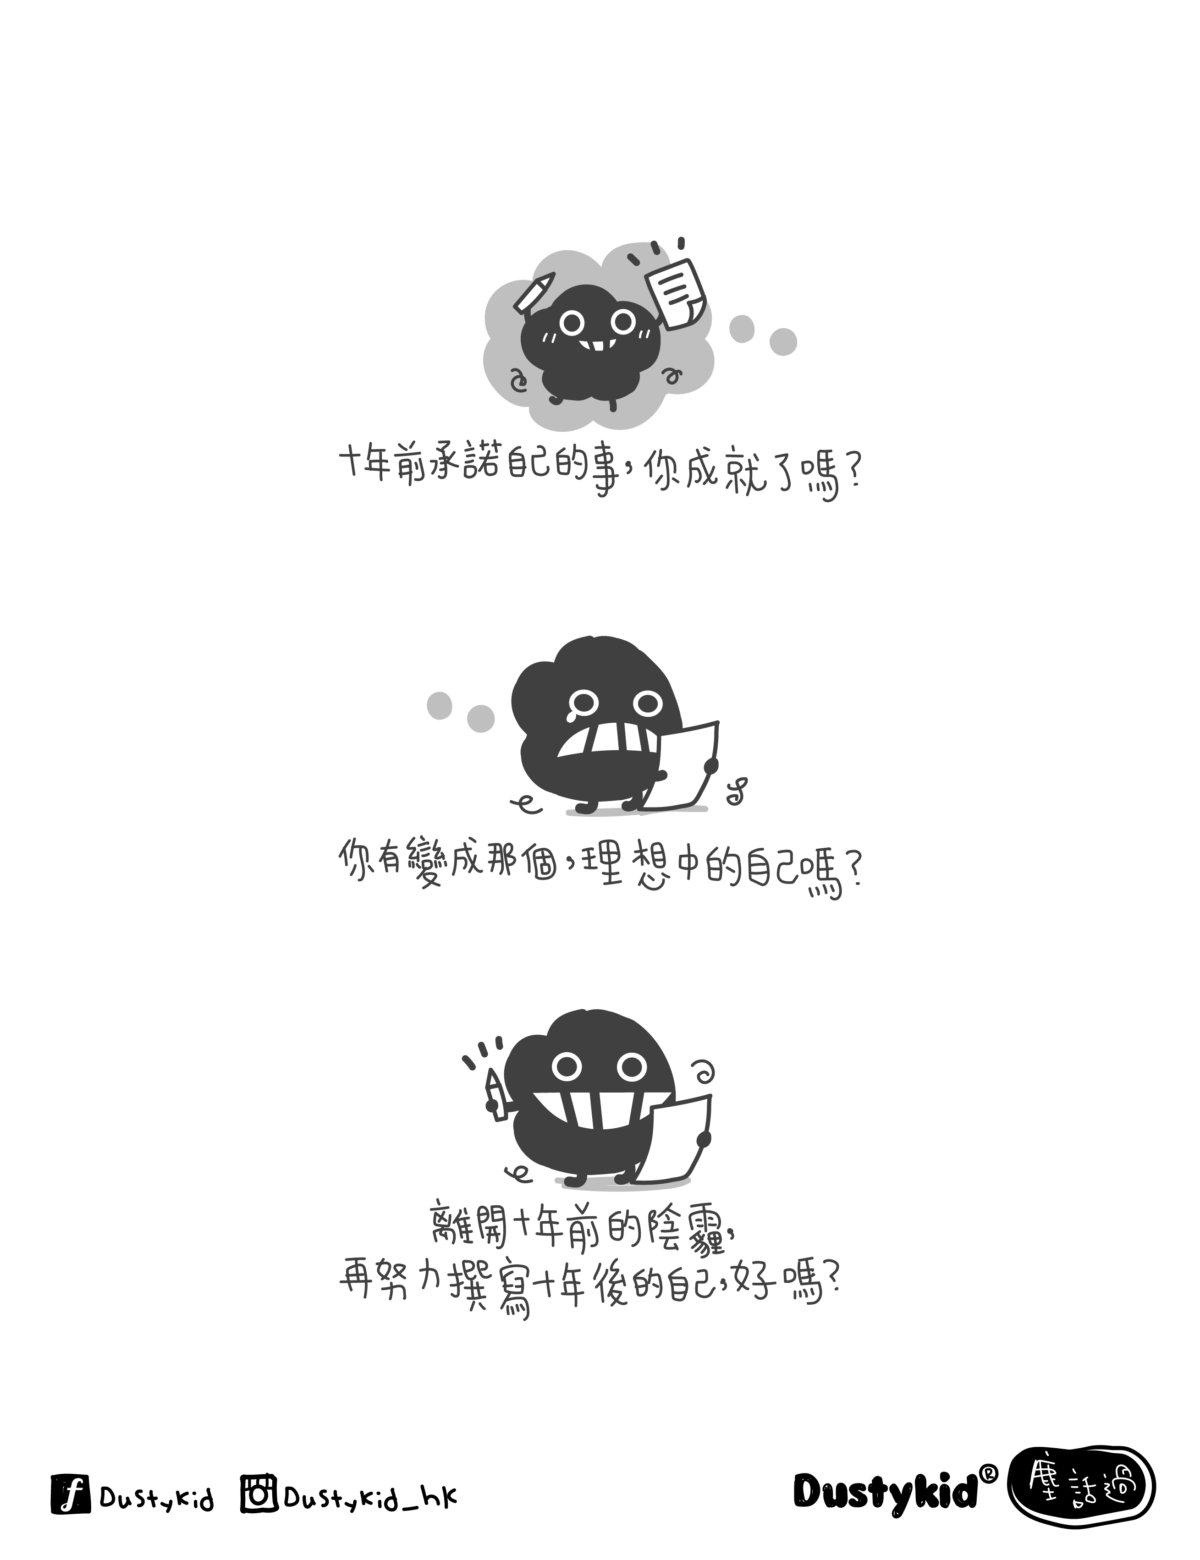 2753mingpao_20210803-01